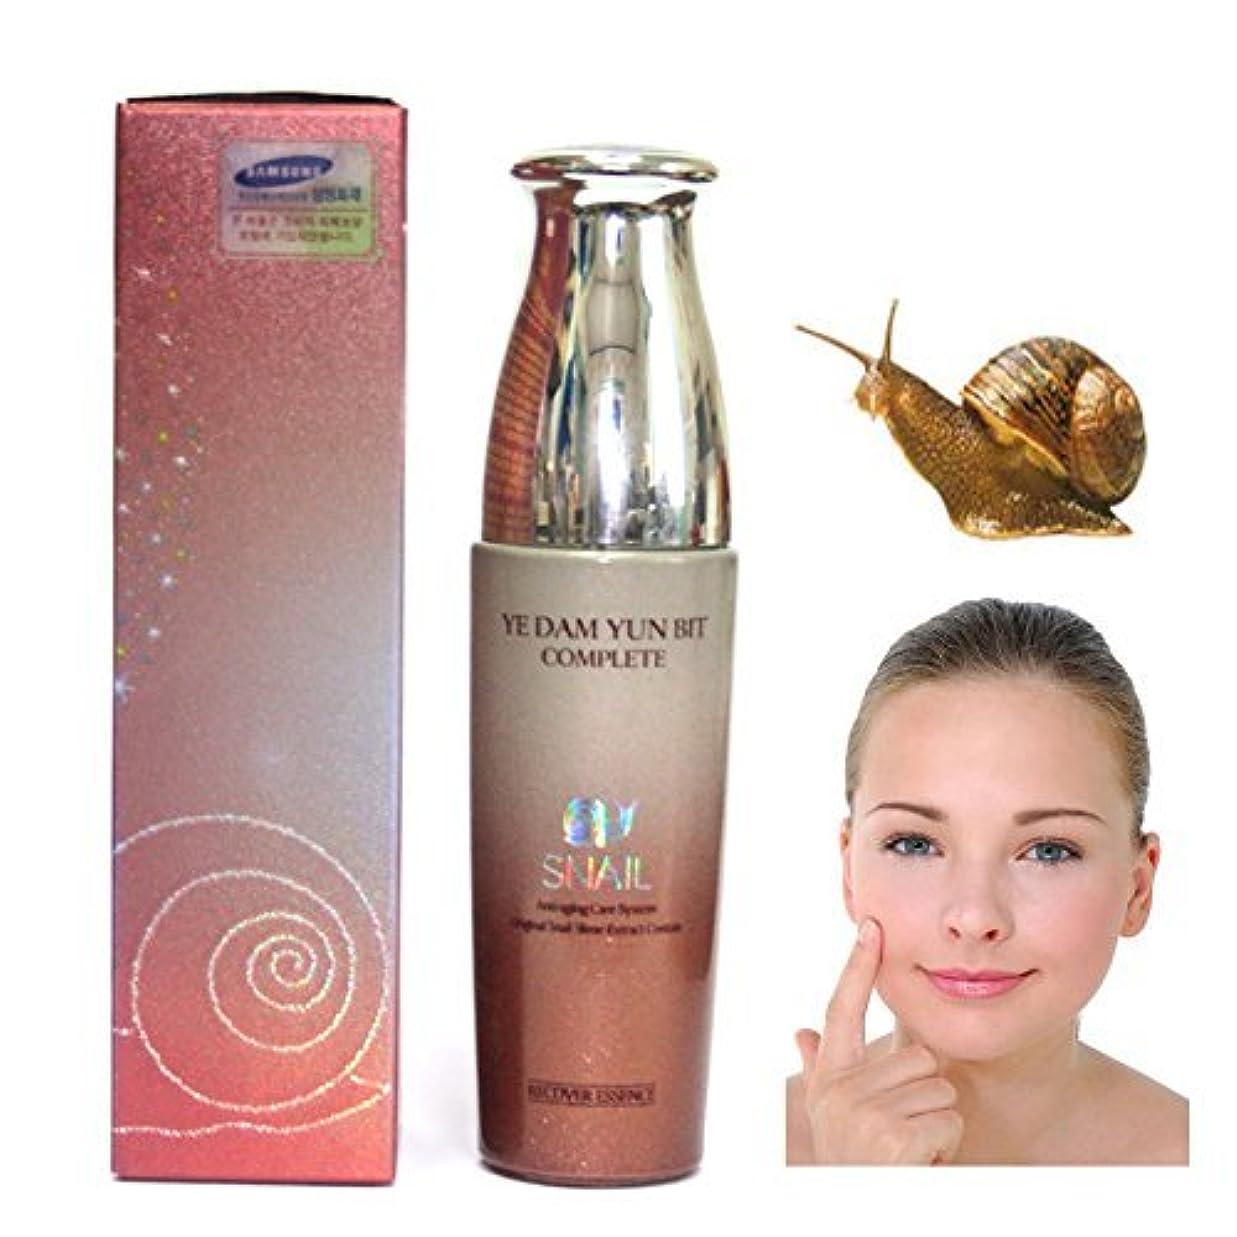 レスリング反論タイル[YEDAM YUN BIT] 完璧なスキンカタツムリ女エッセンス50ml/COMPLETE SKIN Snail Woman Essence 50ml/韓国化粧品/Korean cosmetics [並行輸入品]